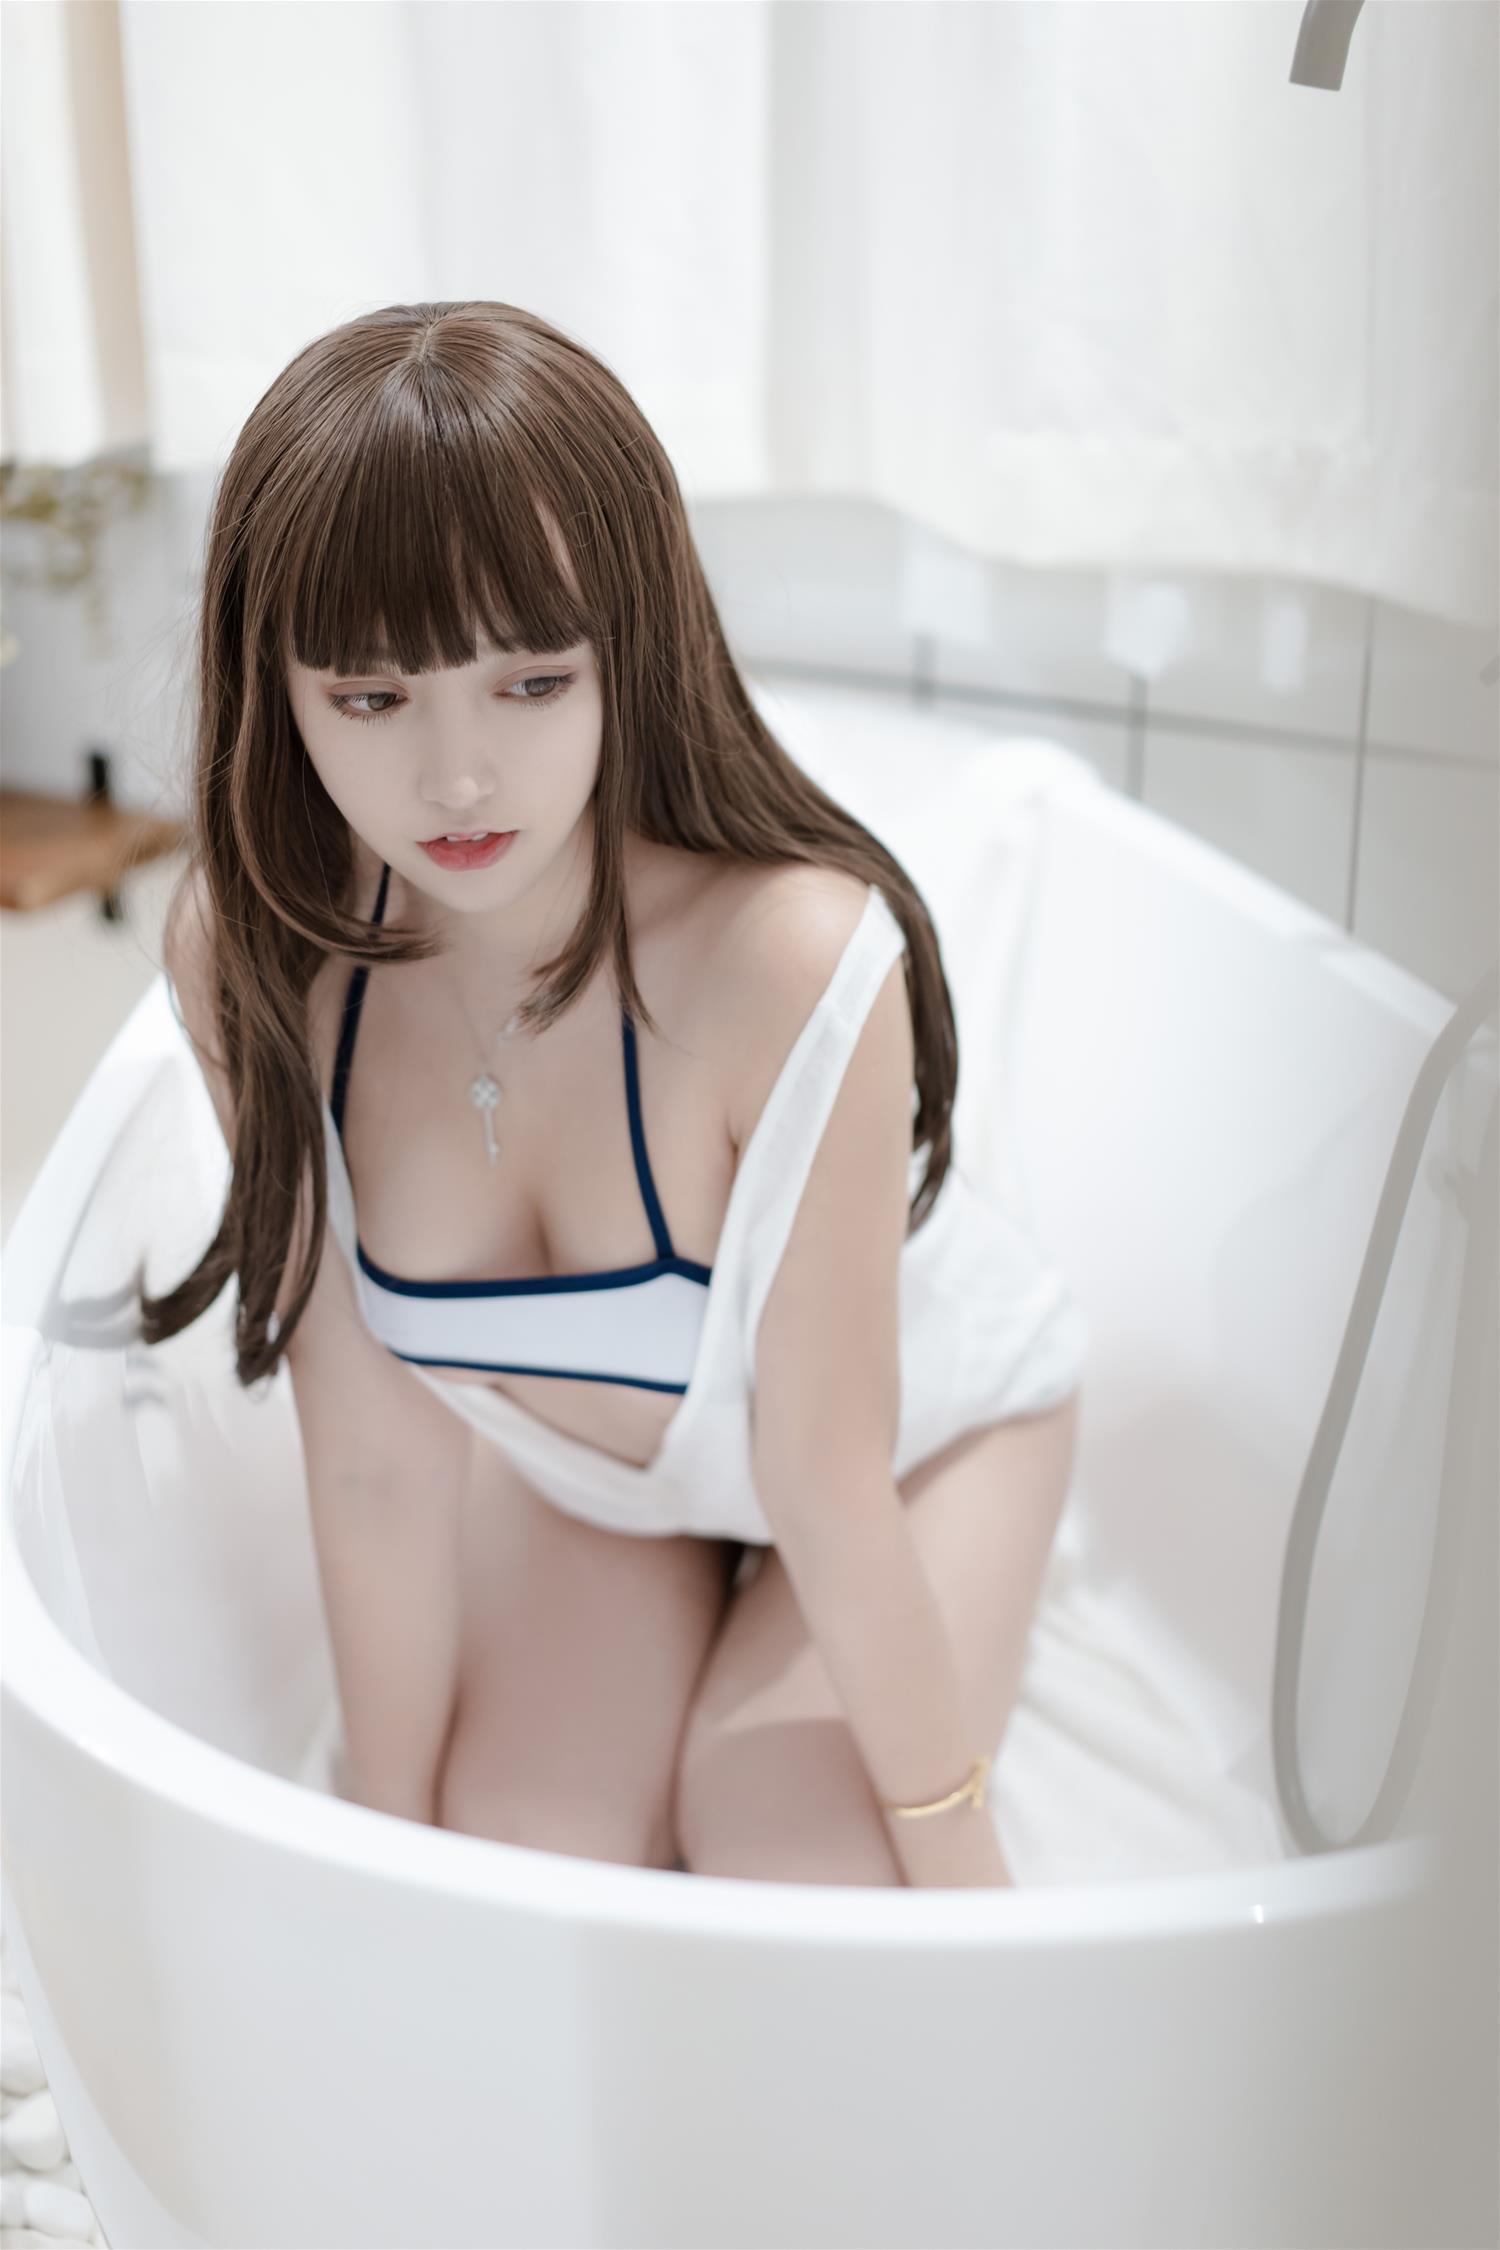 过期米线线喵 泳衣 [37P-57MB] 网红少女-第3张